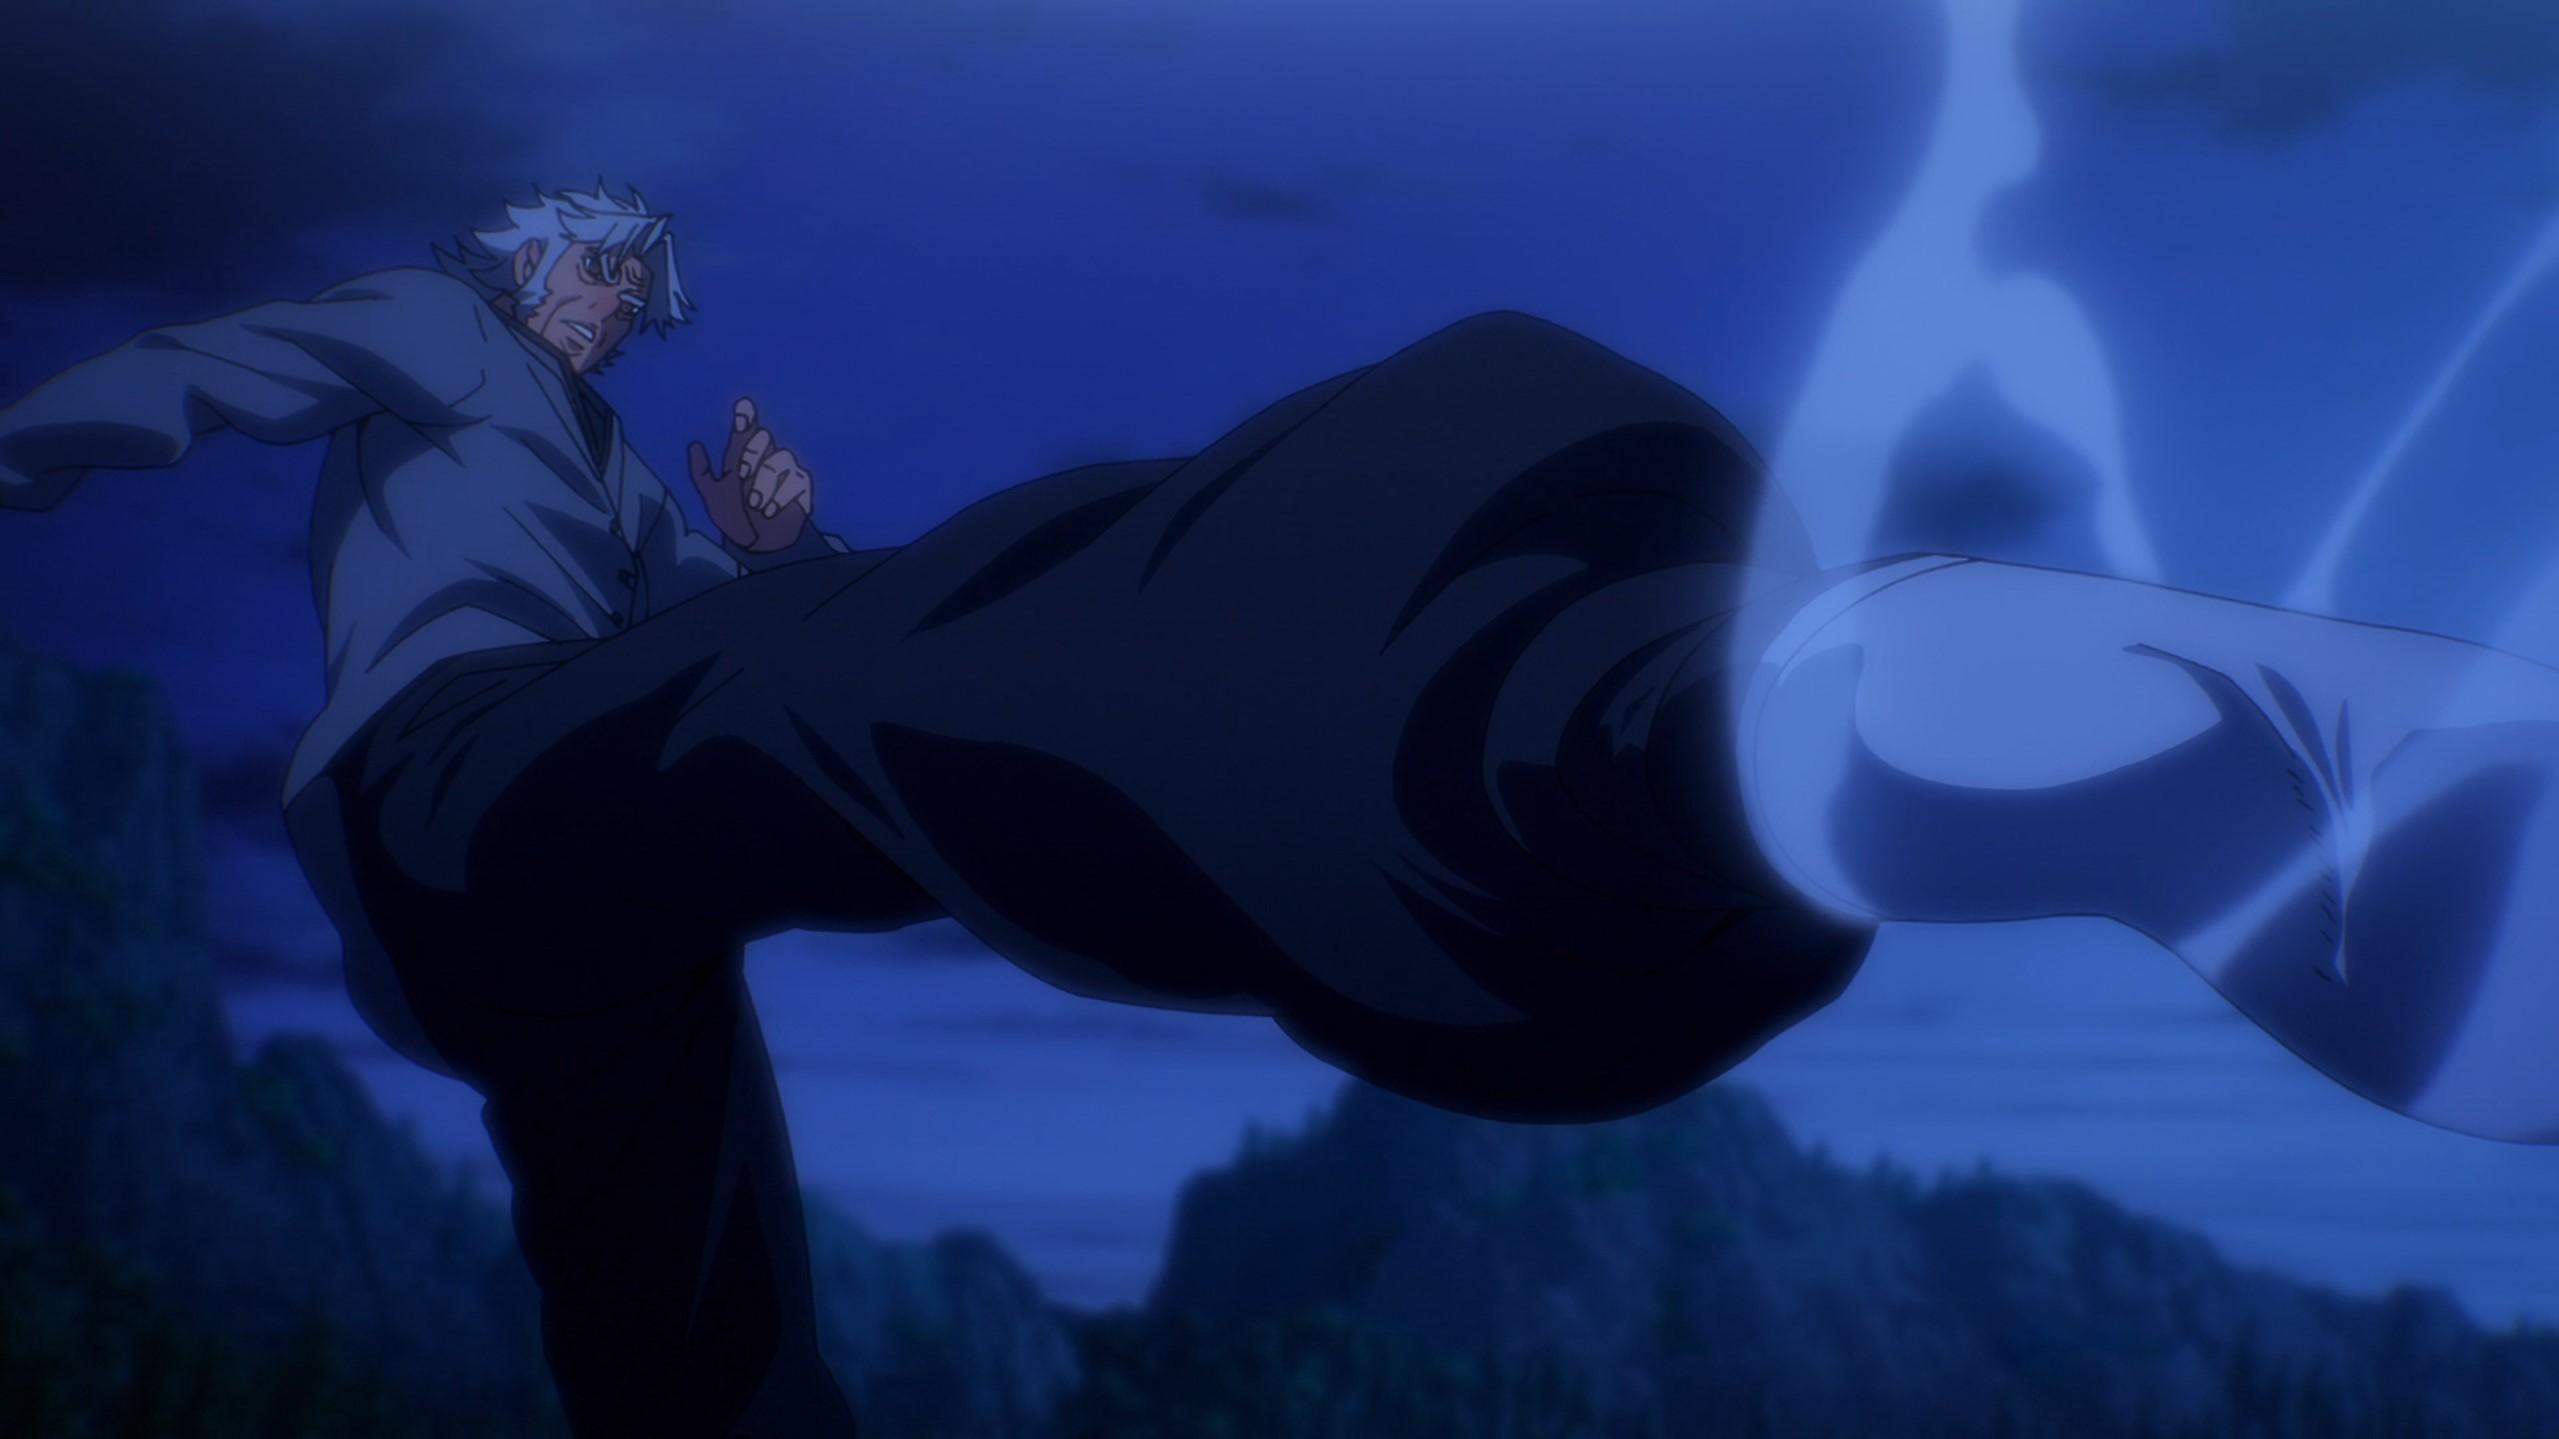 grand father Mori fight